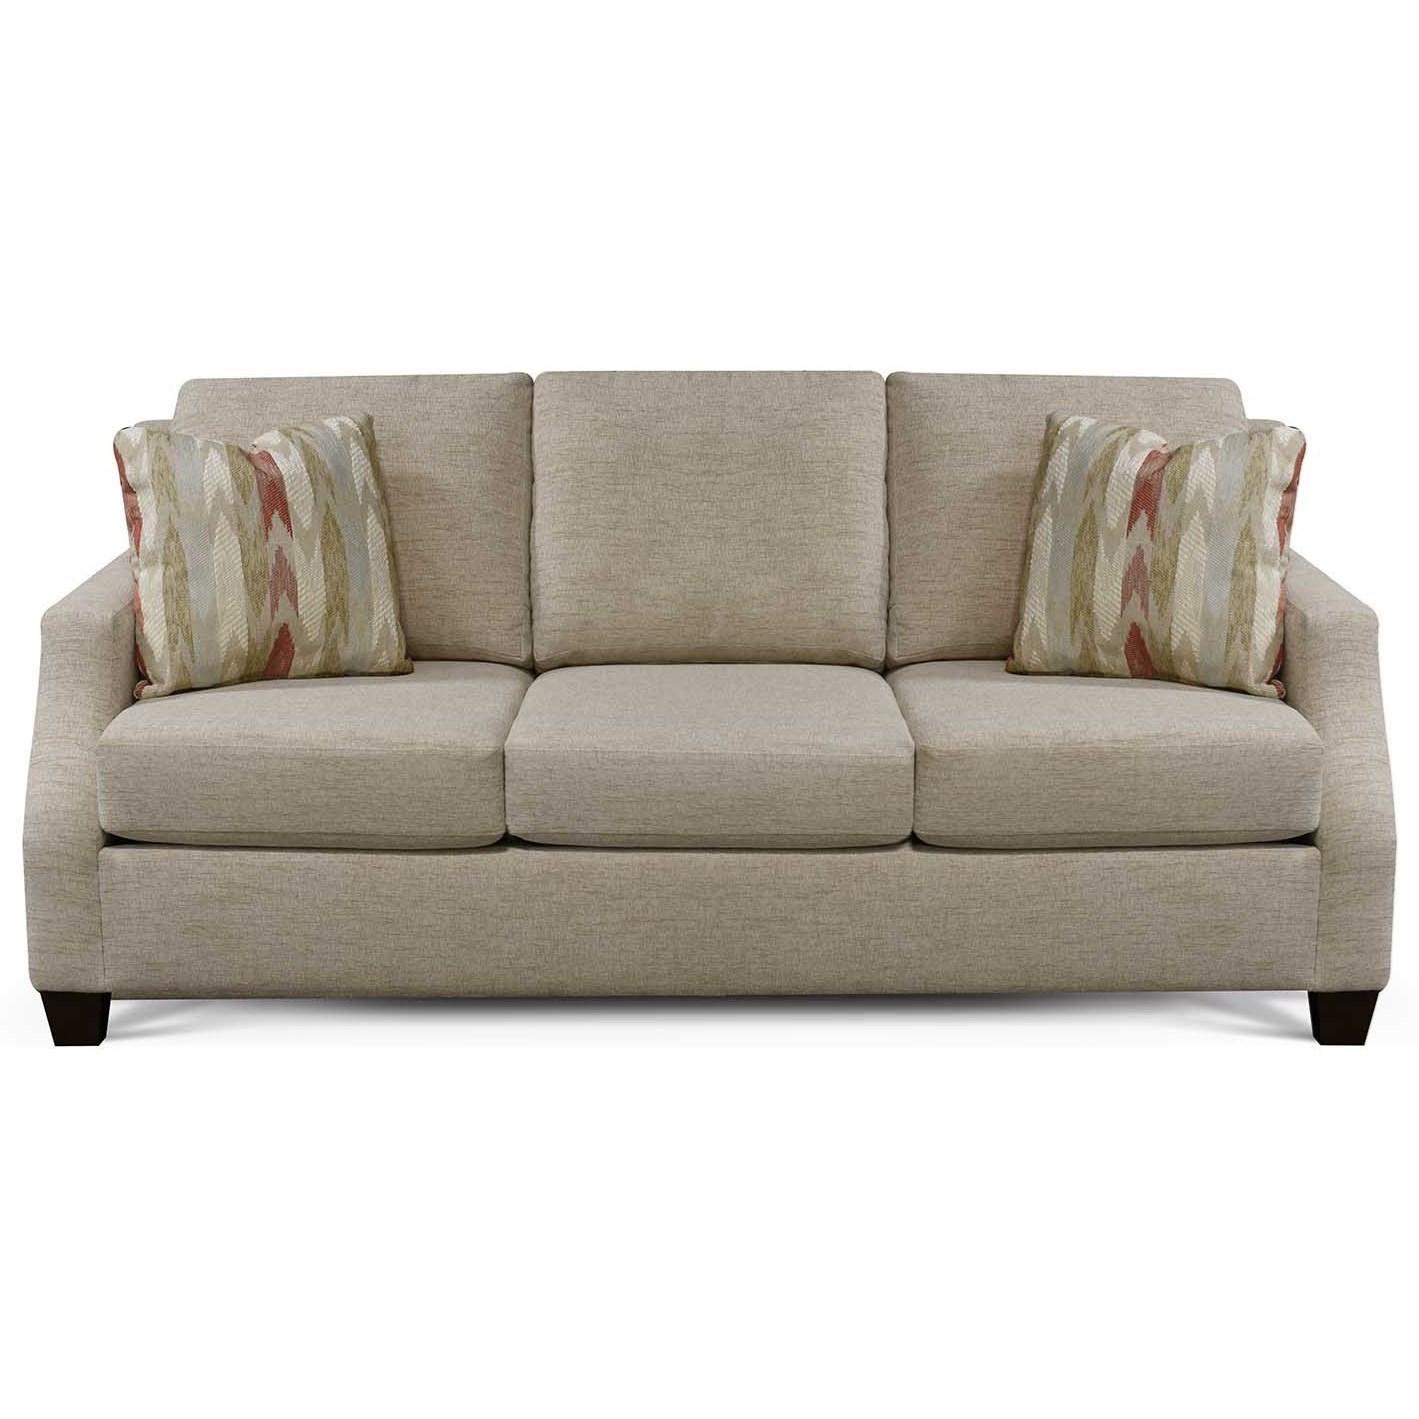 England Serena Contemporary Sofa Rune S Furniture Sofas